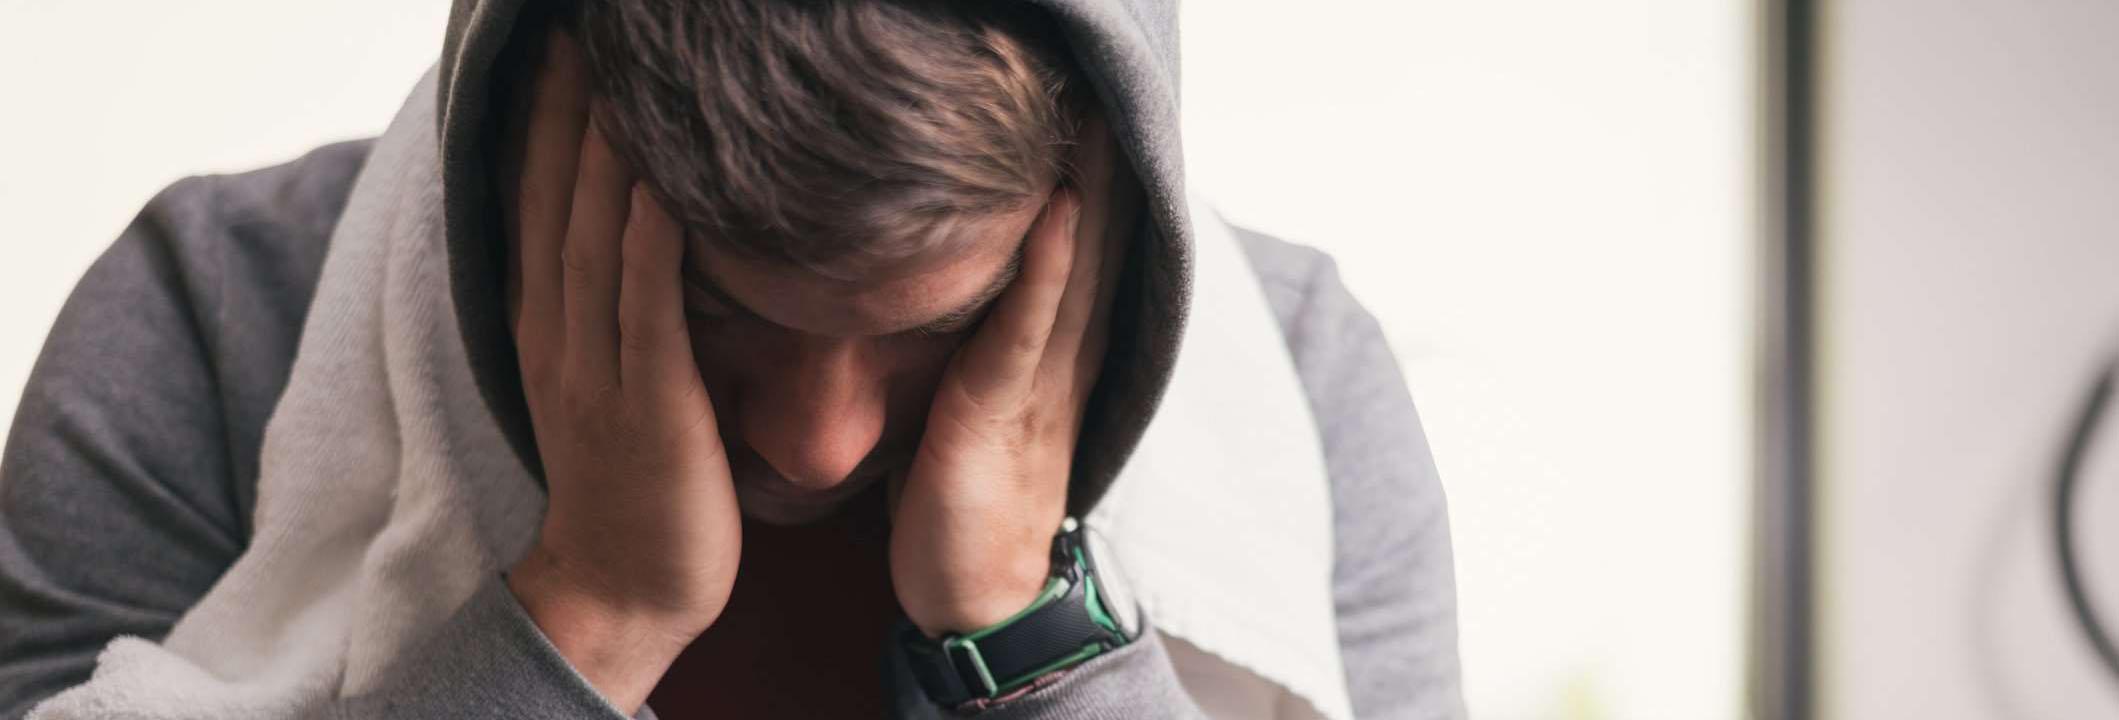 El sentimiento de culpa - De Salud Psicólogos - José de Sola